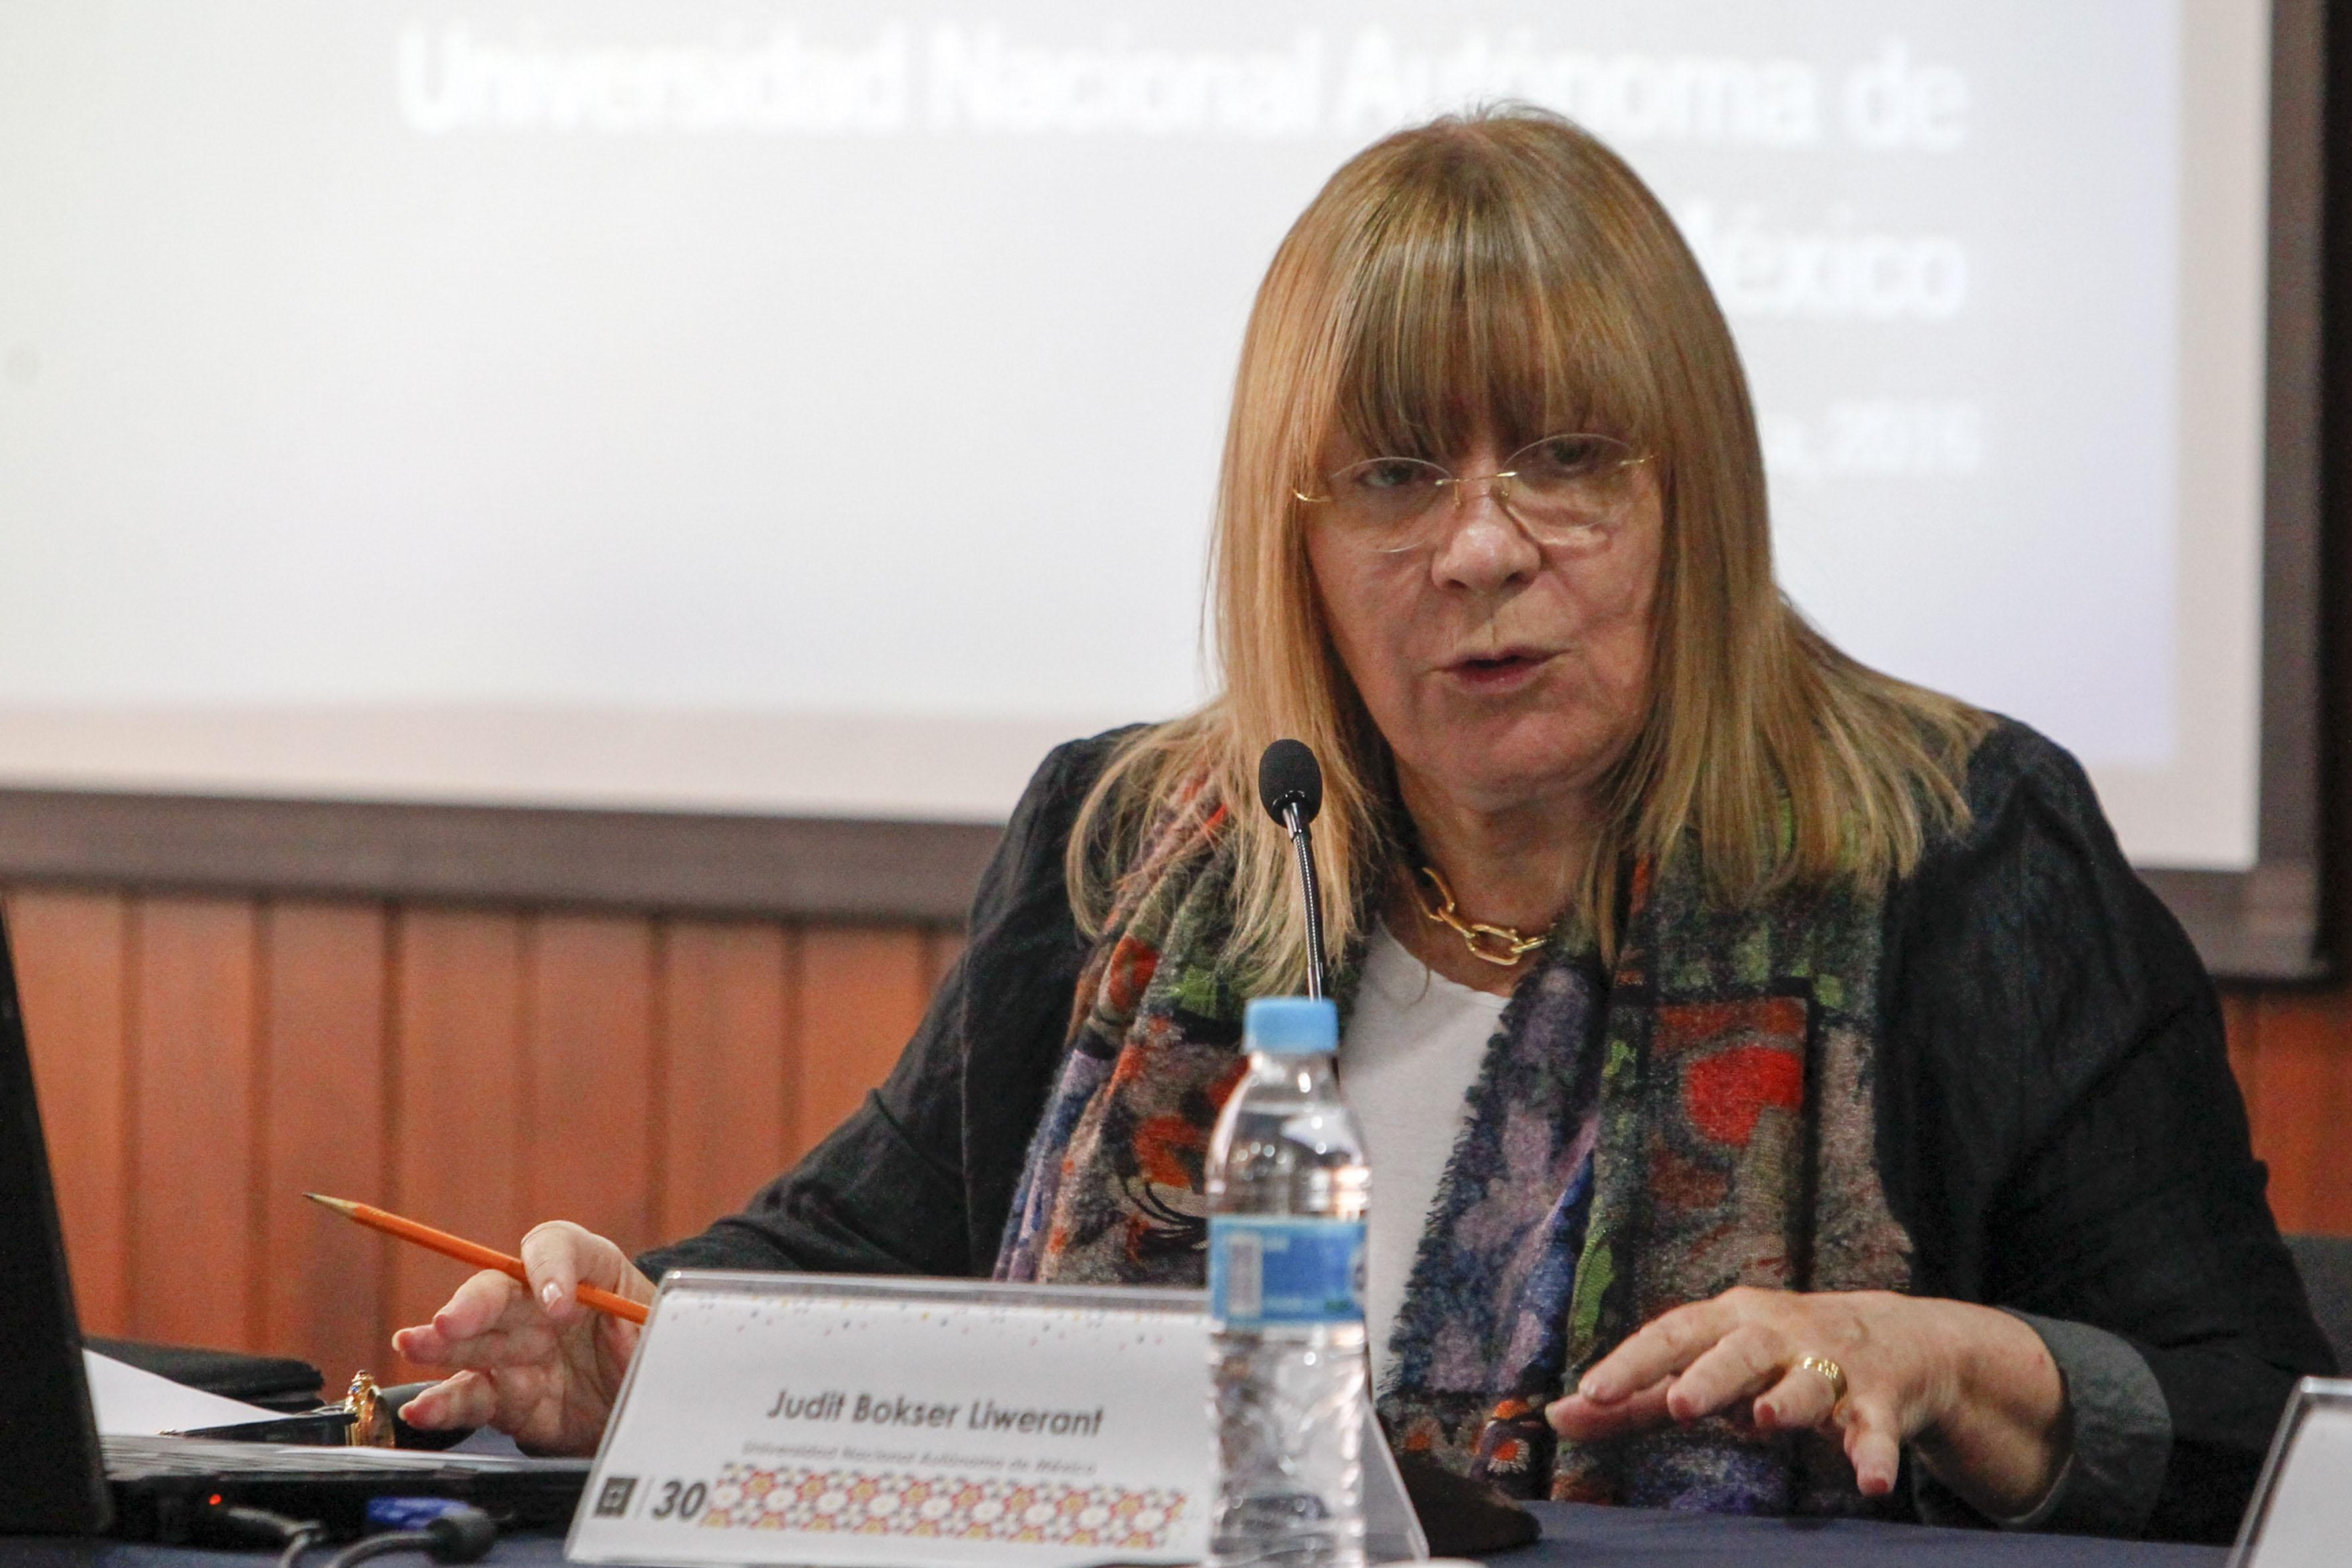 Doctora en ciencia política, Judit Bösker Liwerant, hablando frente a microfono